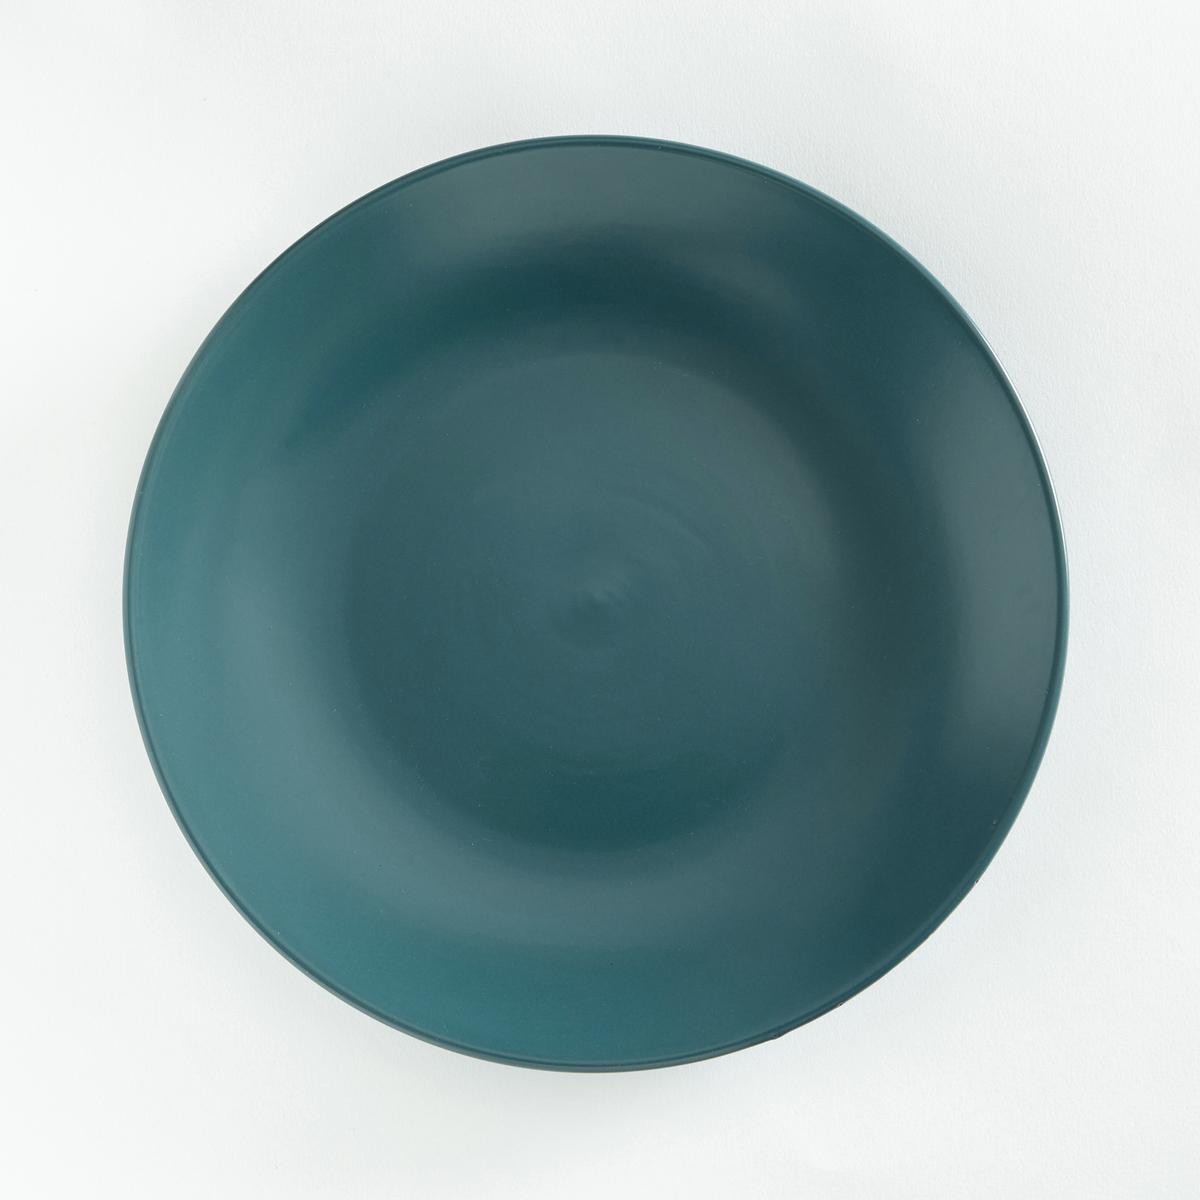 4 тарелки плоские из матовой керамики, Abessi4 тарелки плоские из матовой керамики Abessi . Завтрак, обед или ужин, La Redoute Int?rieurs Вас приглашает к столу. Характеристики 4 тарелок плоских из матовой керамики Abessi  :- Из керамики с матовой отделкой .- Диаметр 26,7 см  .- Можно использовать в посудомоечных машинах и микроволновых печах.Десертные и глубокие тарелки Abessi продаются на нашем сайте .<br><br>Цвет: зеленый,сине-зеленый